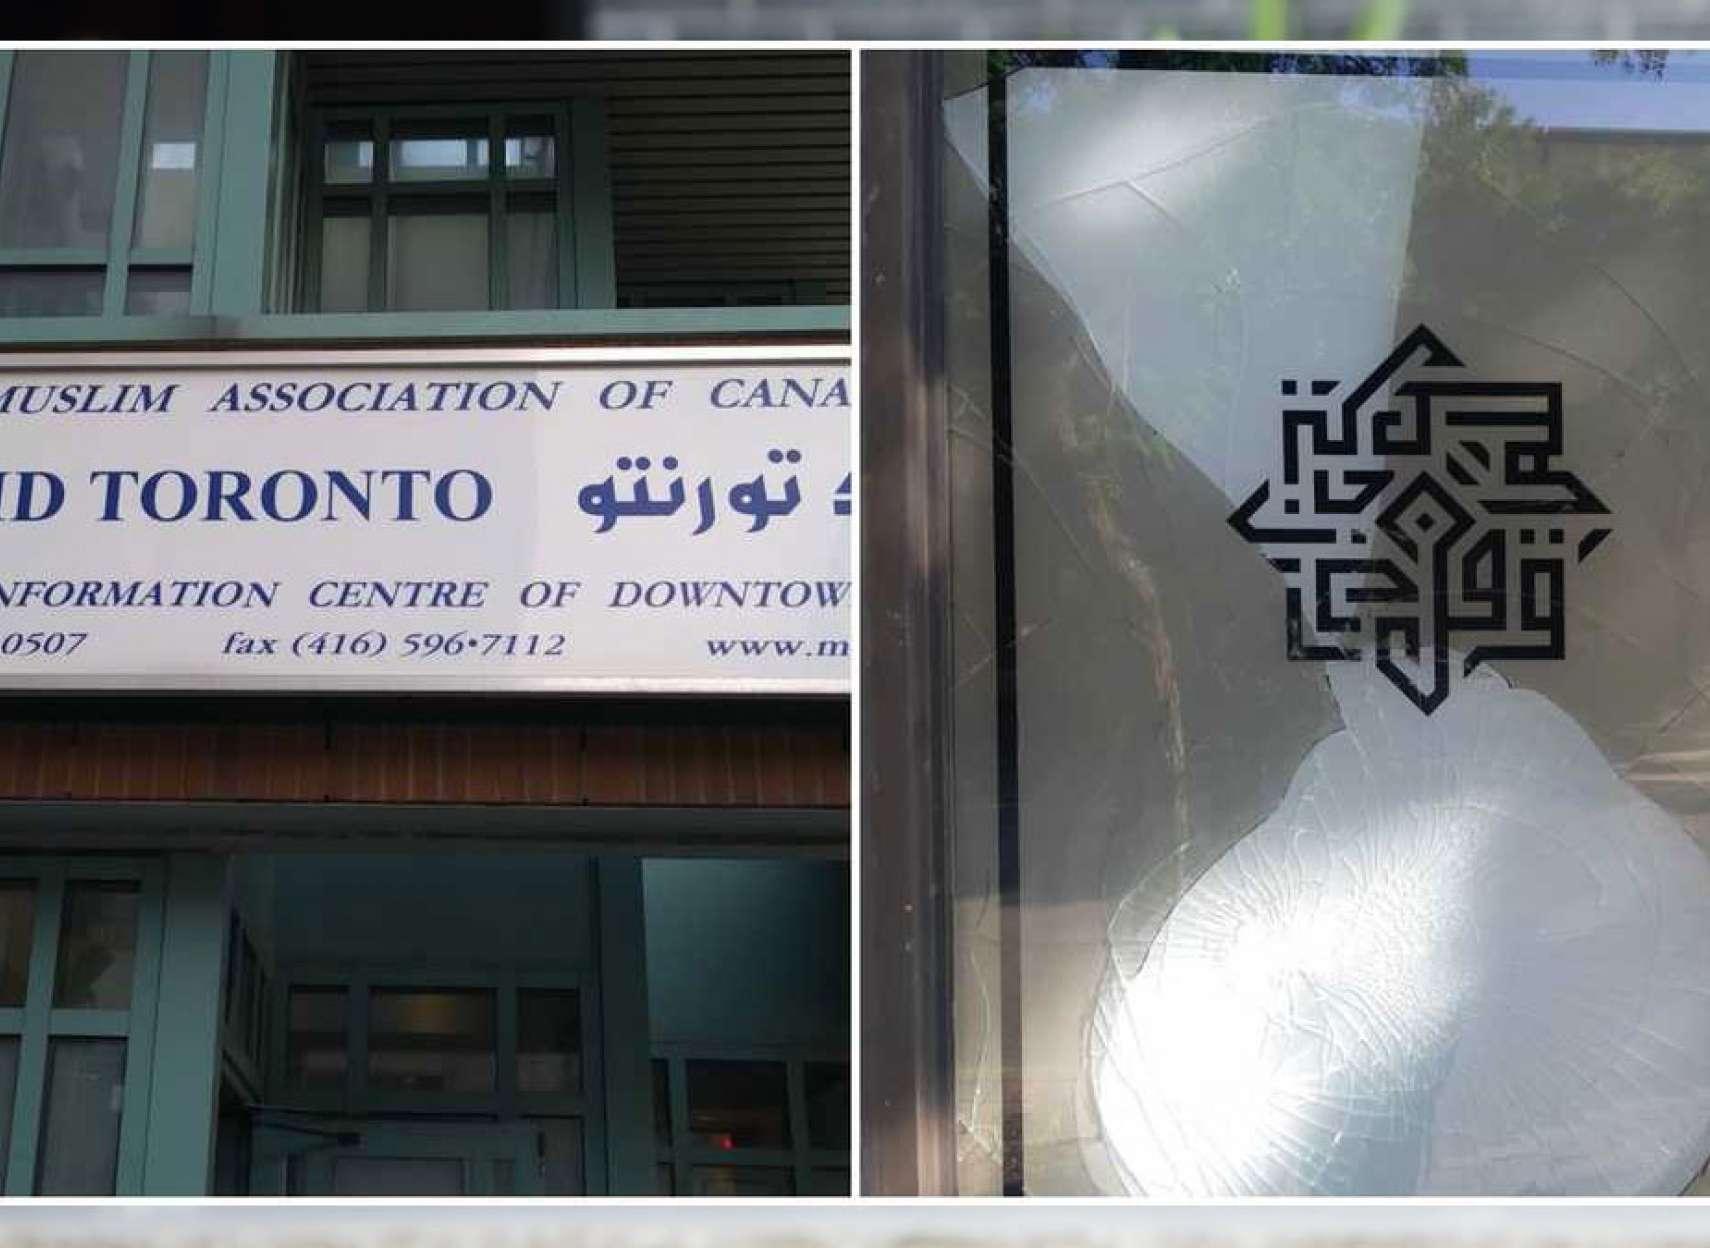 اخبار-تورنتو-شش-حمله-طی-سه-ماه-به-دو-مسجد-تورنتویی